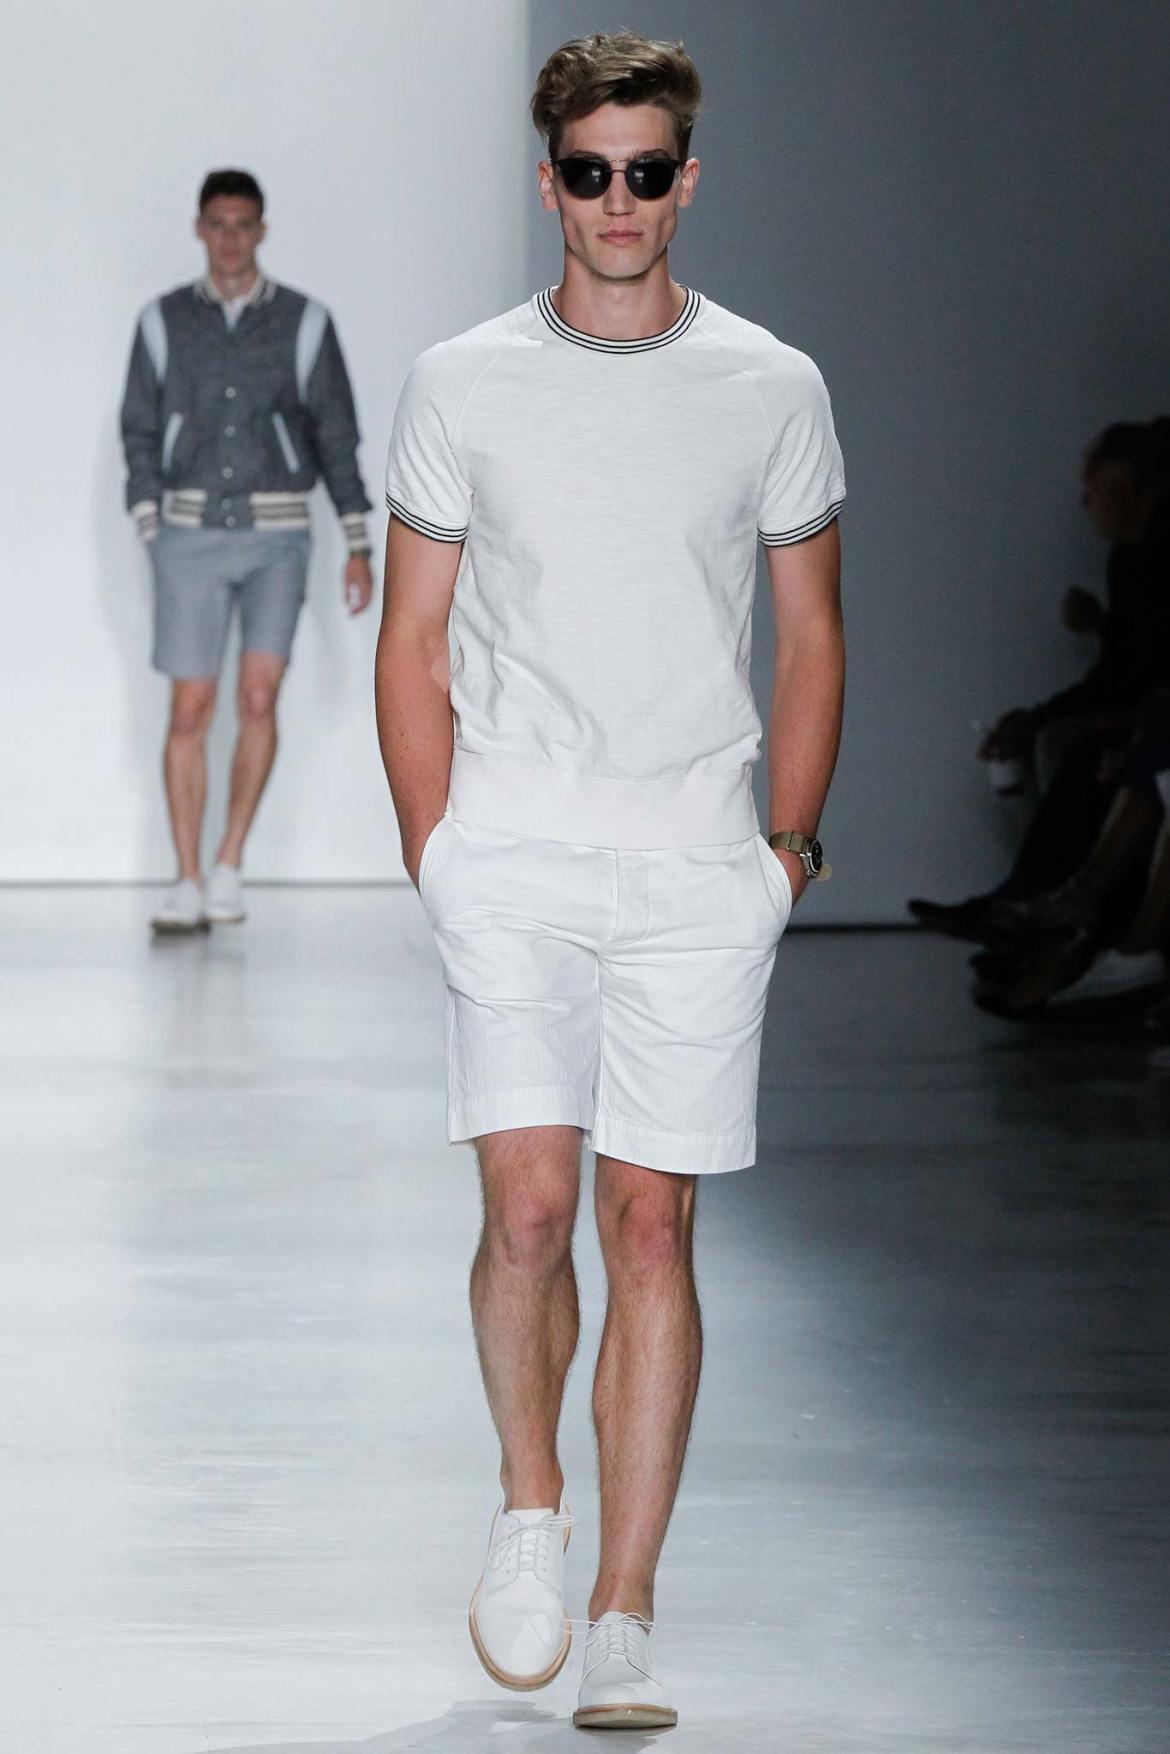 todd snyder, nyfwm, new york fashion week, new york fashion week mens